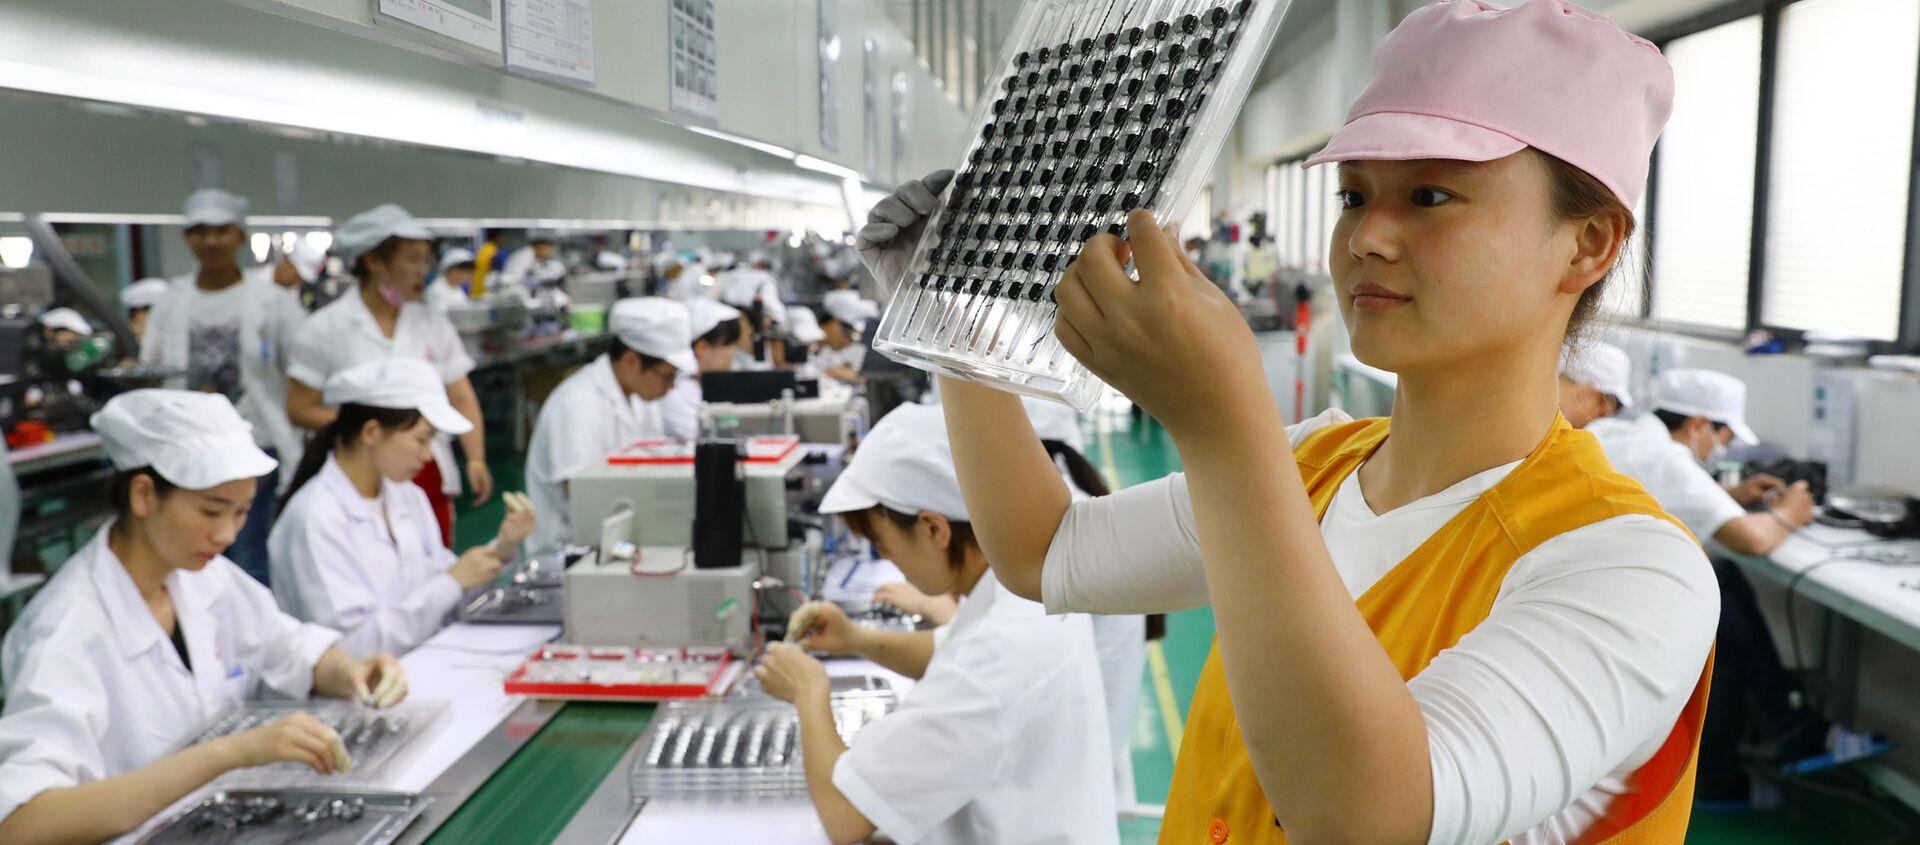 Công nhân tại nhà máy sản xuất động cơ siêu thanh của Trung Quốc ở Hoài Bắc. - Sputnik Việt Nam, 1920, 17.01.2021